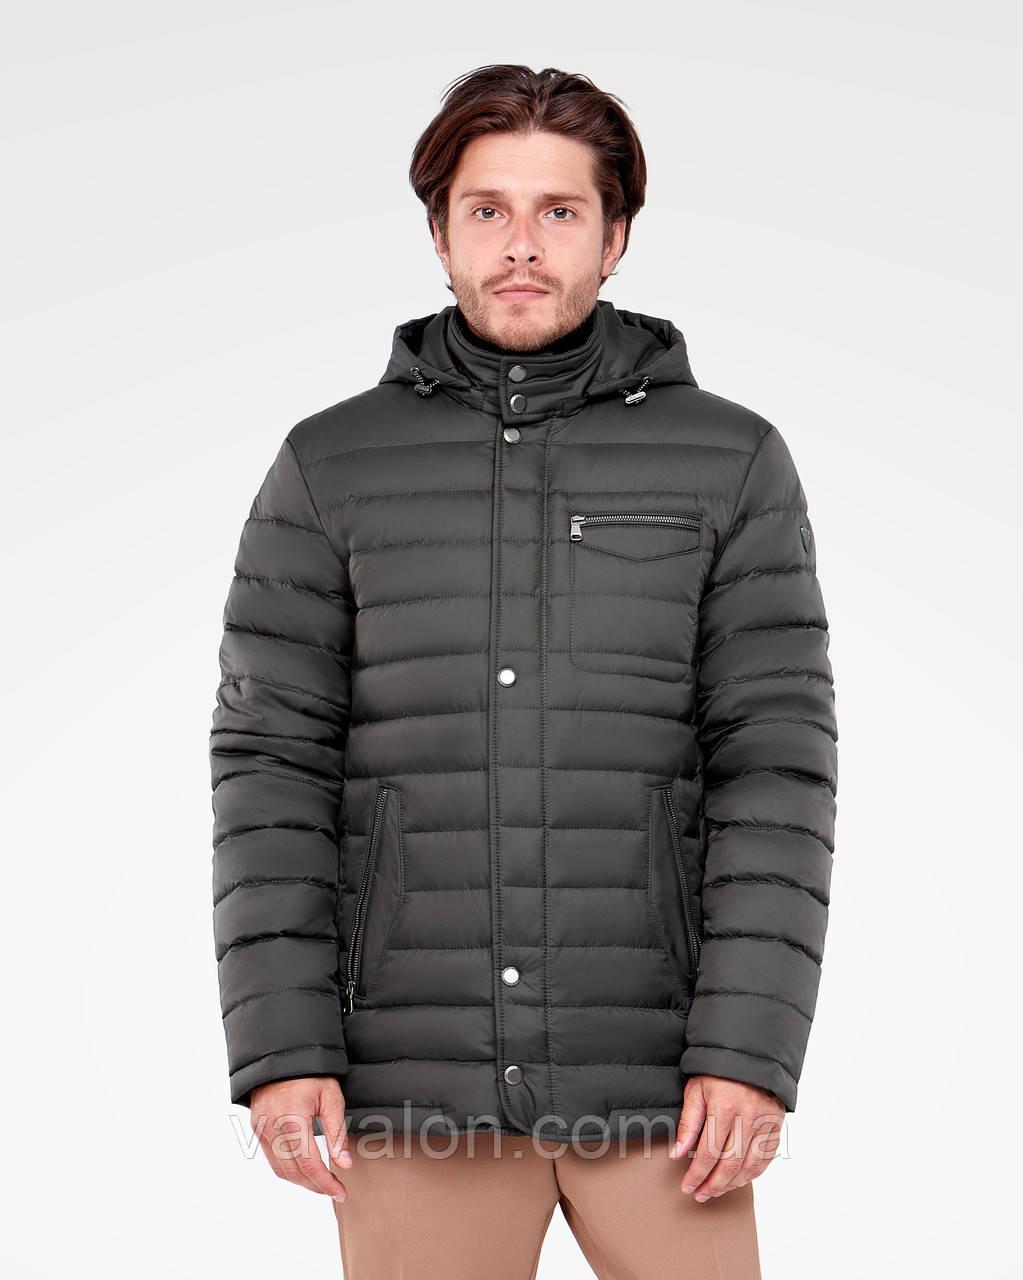 Куртка демисезонная Vavalon KD-197 Khaki